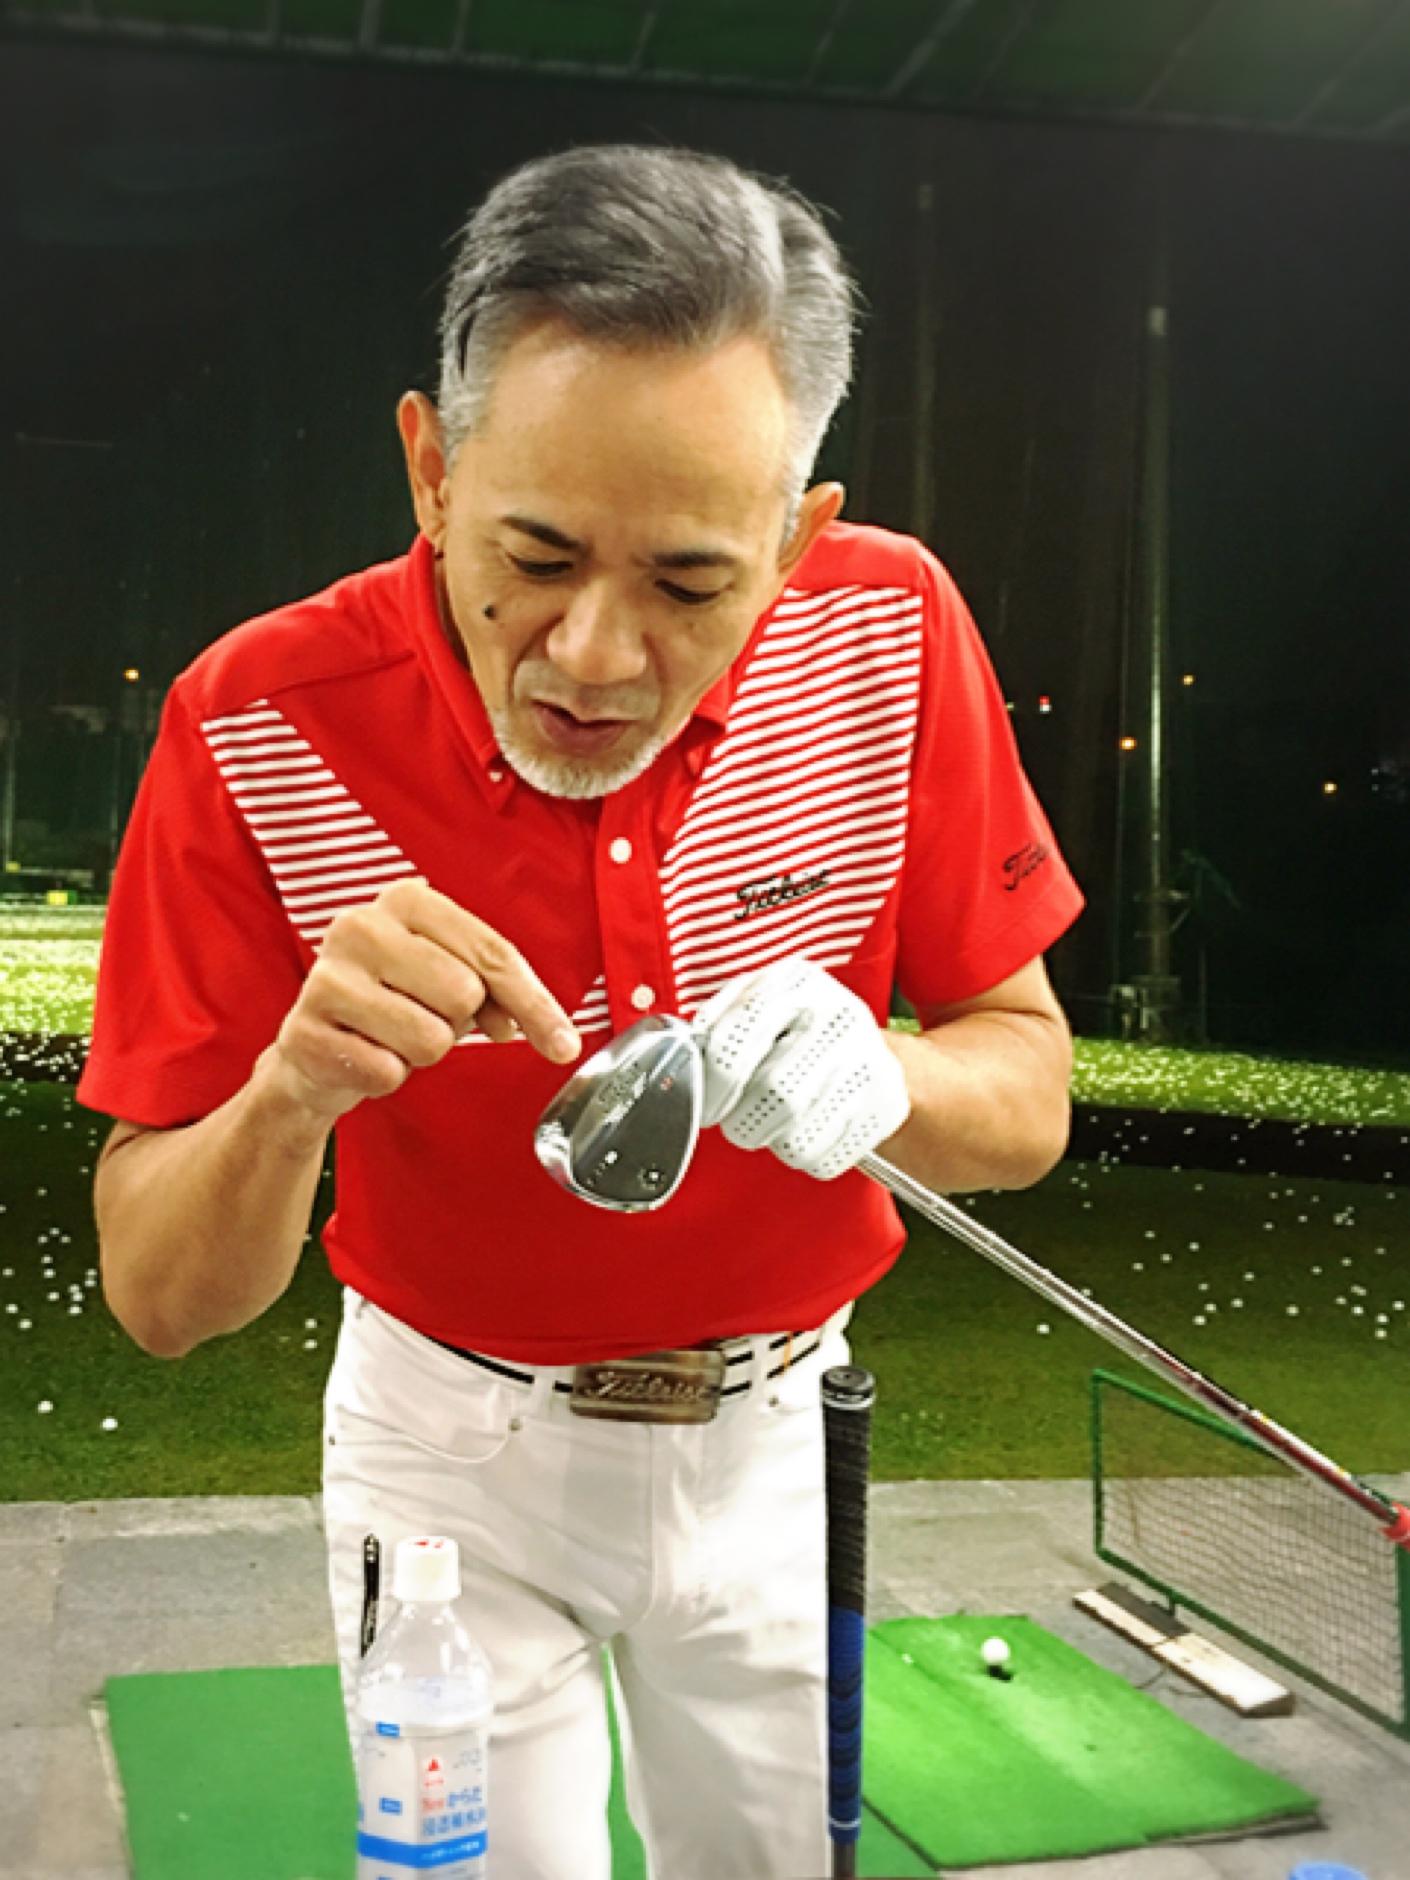 先生のゴルフクラブの調整は とにかー〜〜く 細かくて 繊細 シャフトの長さ 重さ 全体の バランス フェイスの形状まで 使った感覚で調整しています。 クラブも 削りだしていて (もちろん、先生自身の手作業です。) 最近、仕上がったクラブを見せてくれた。 芝にくい込む感覚を抜けをスムーズにするために 角を削り 美しいカーブ曲線に